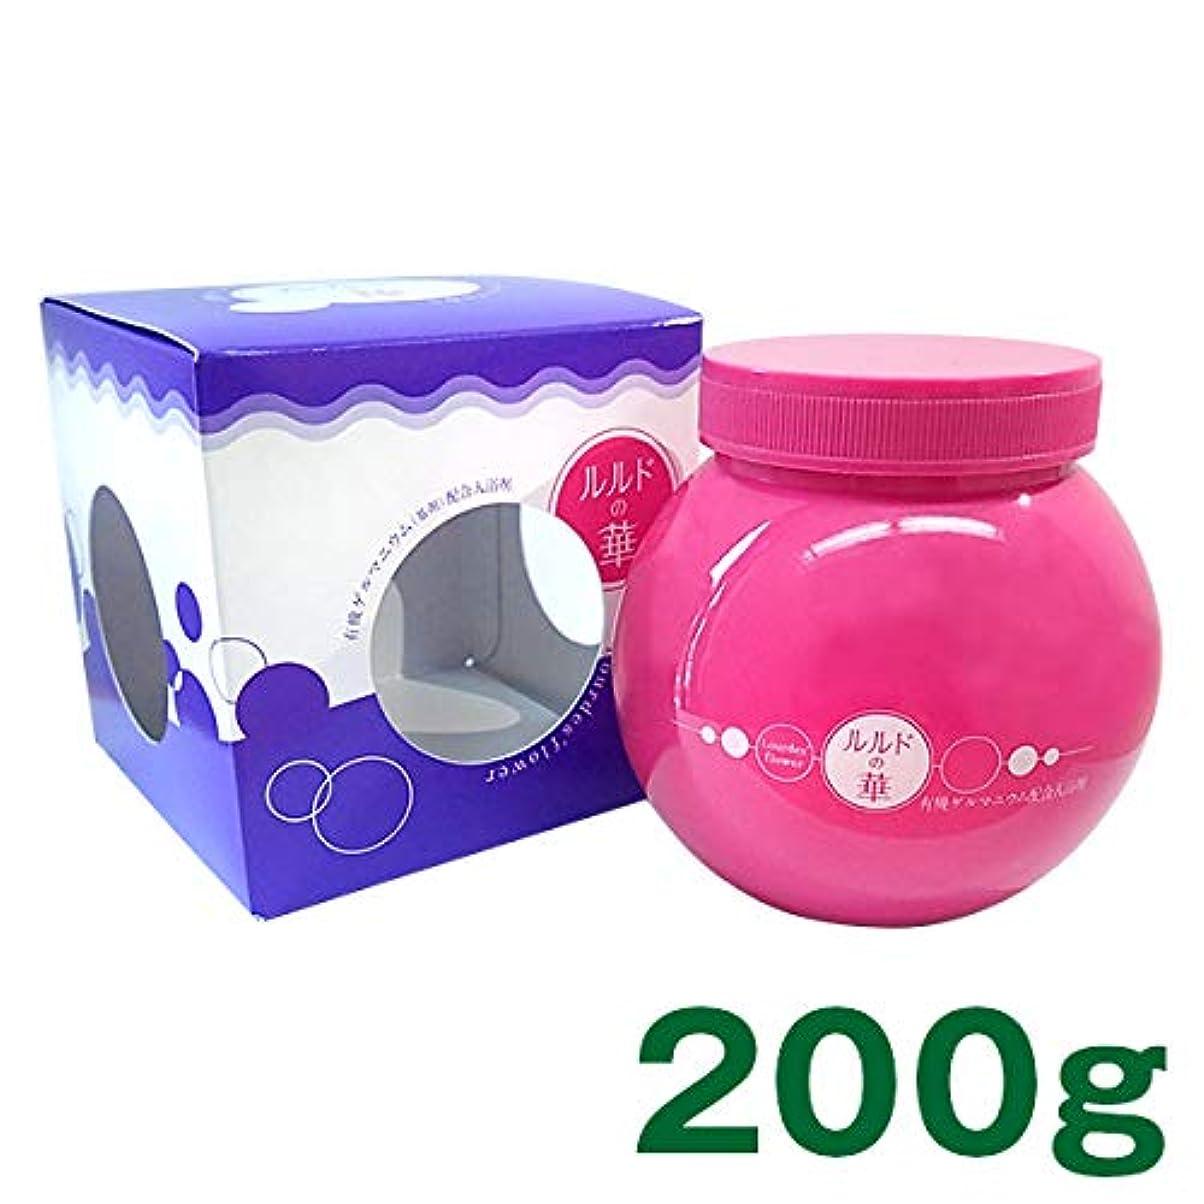 一節考える確率有機ゲルマニウム8.0%配合入浴剤【ルルドの華(ボトル)】200g